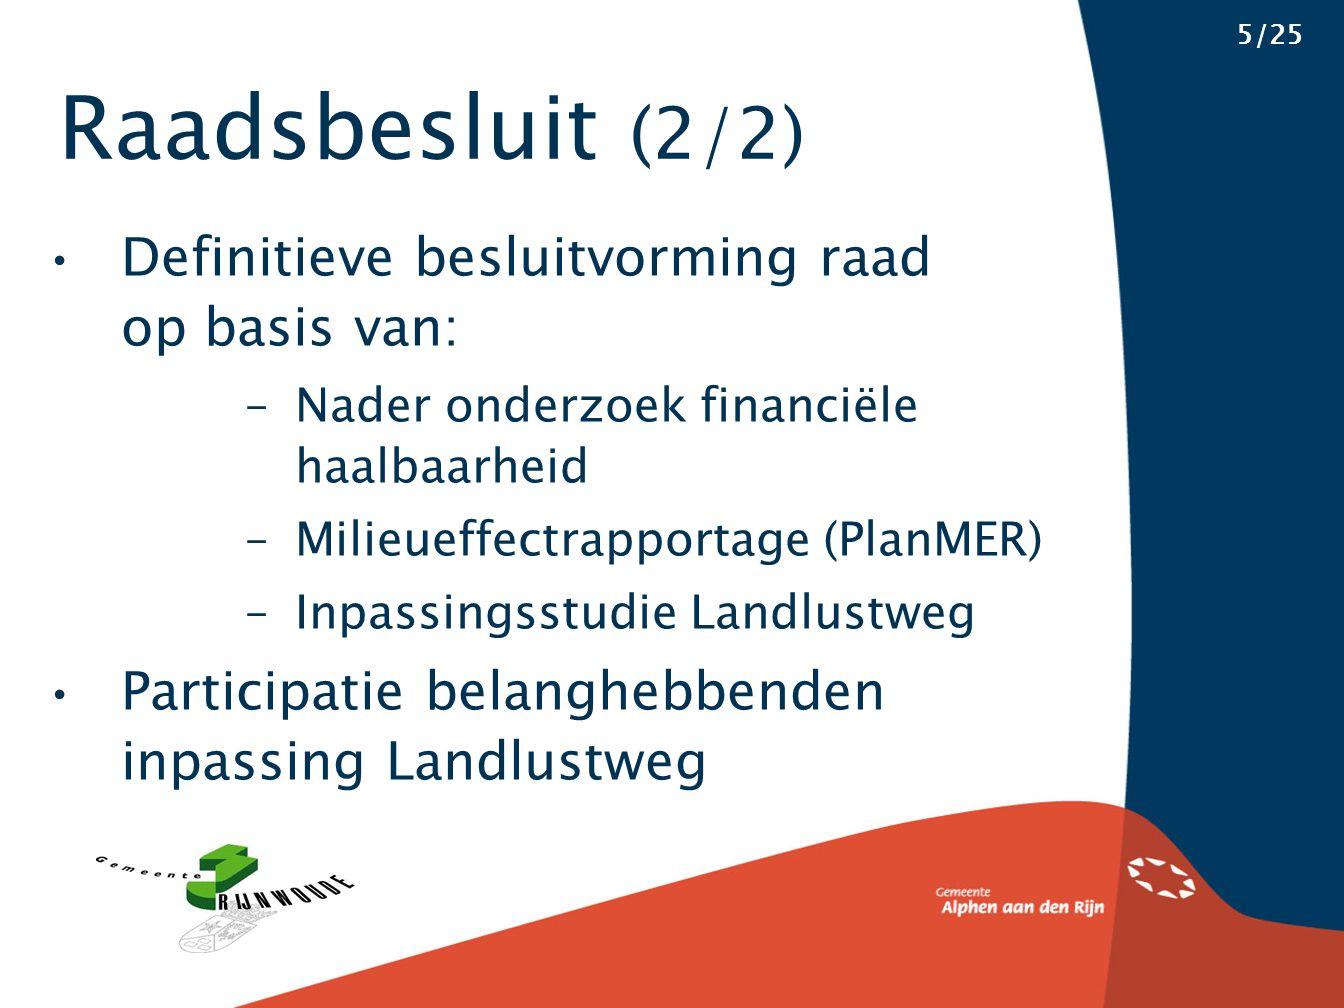 Raadsbesluit (2/2) 5/25 Definitieve besluitvorming raad op basis van: –Nader onderzoek financiële haalbaarheid –Milieueffectrapportage (PlanMER) –Inpassingsstudie Landlustweg Participatie belanghebbenden inpassing Landlustweg